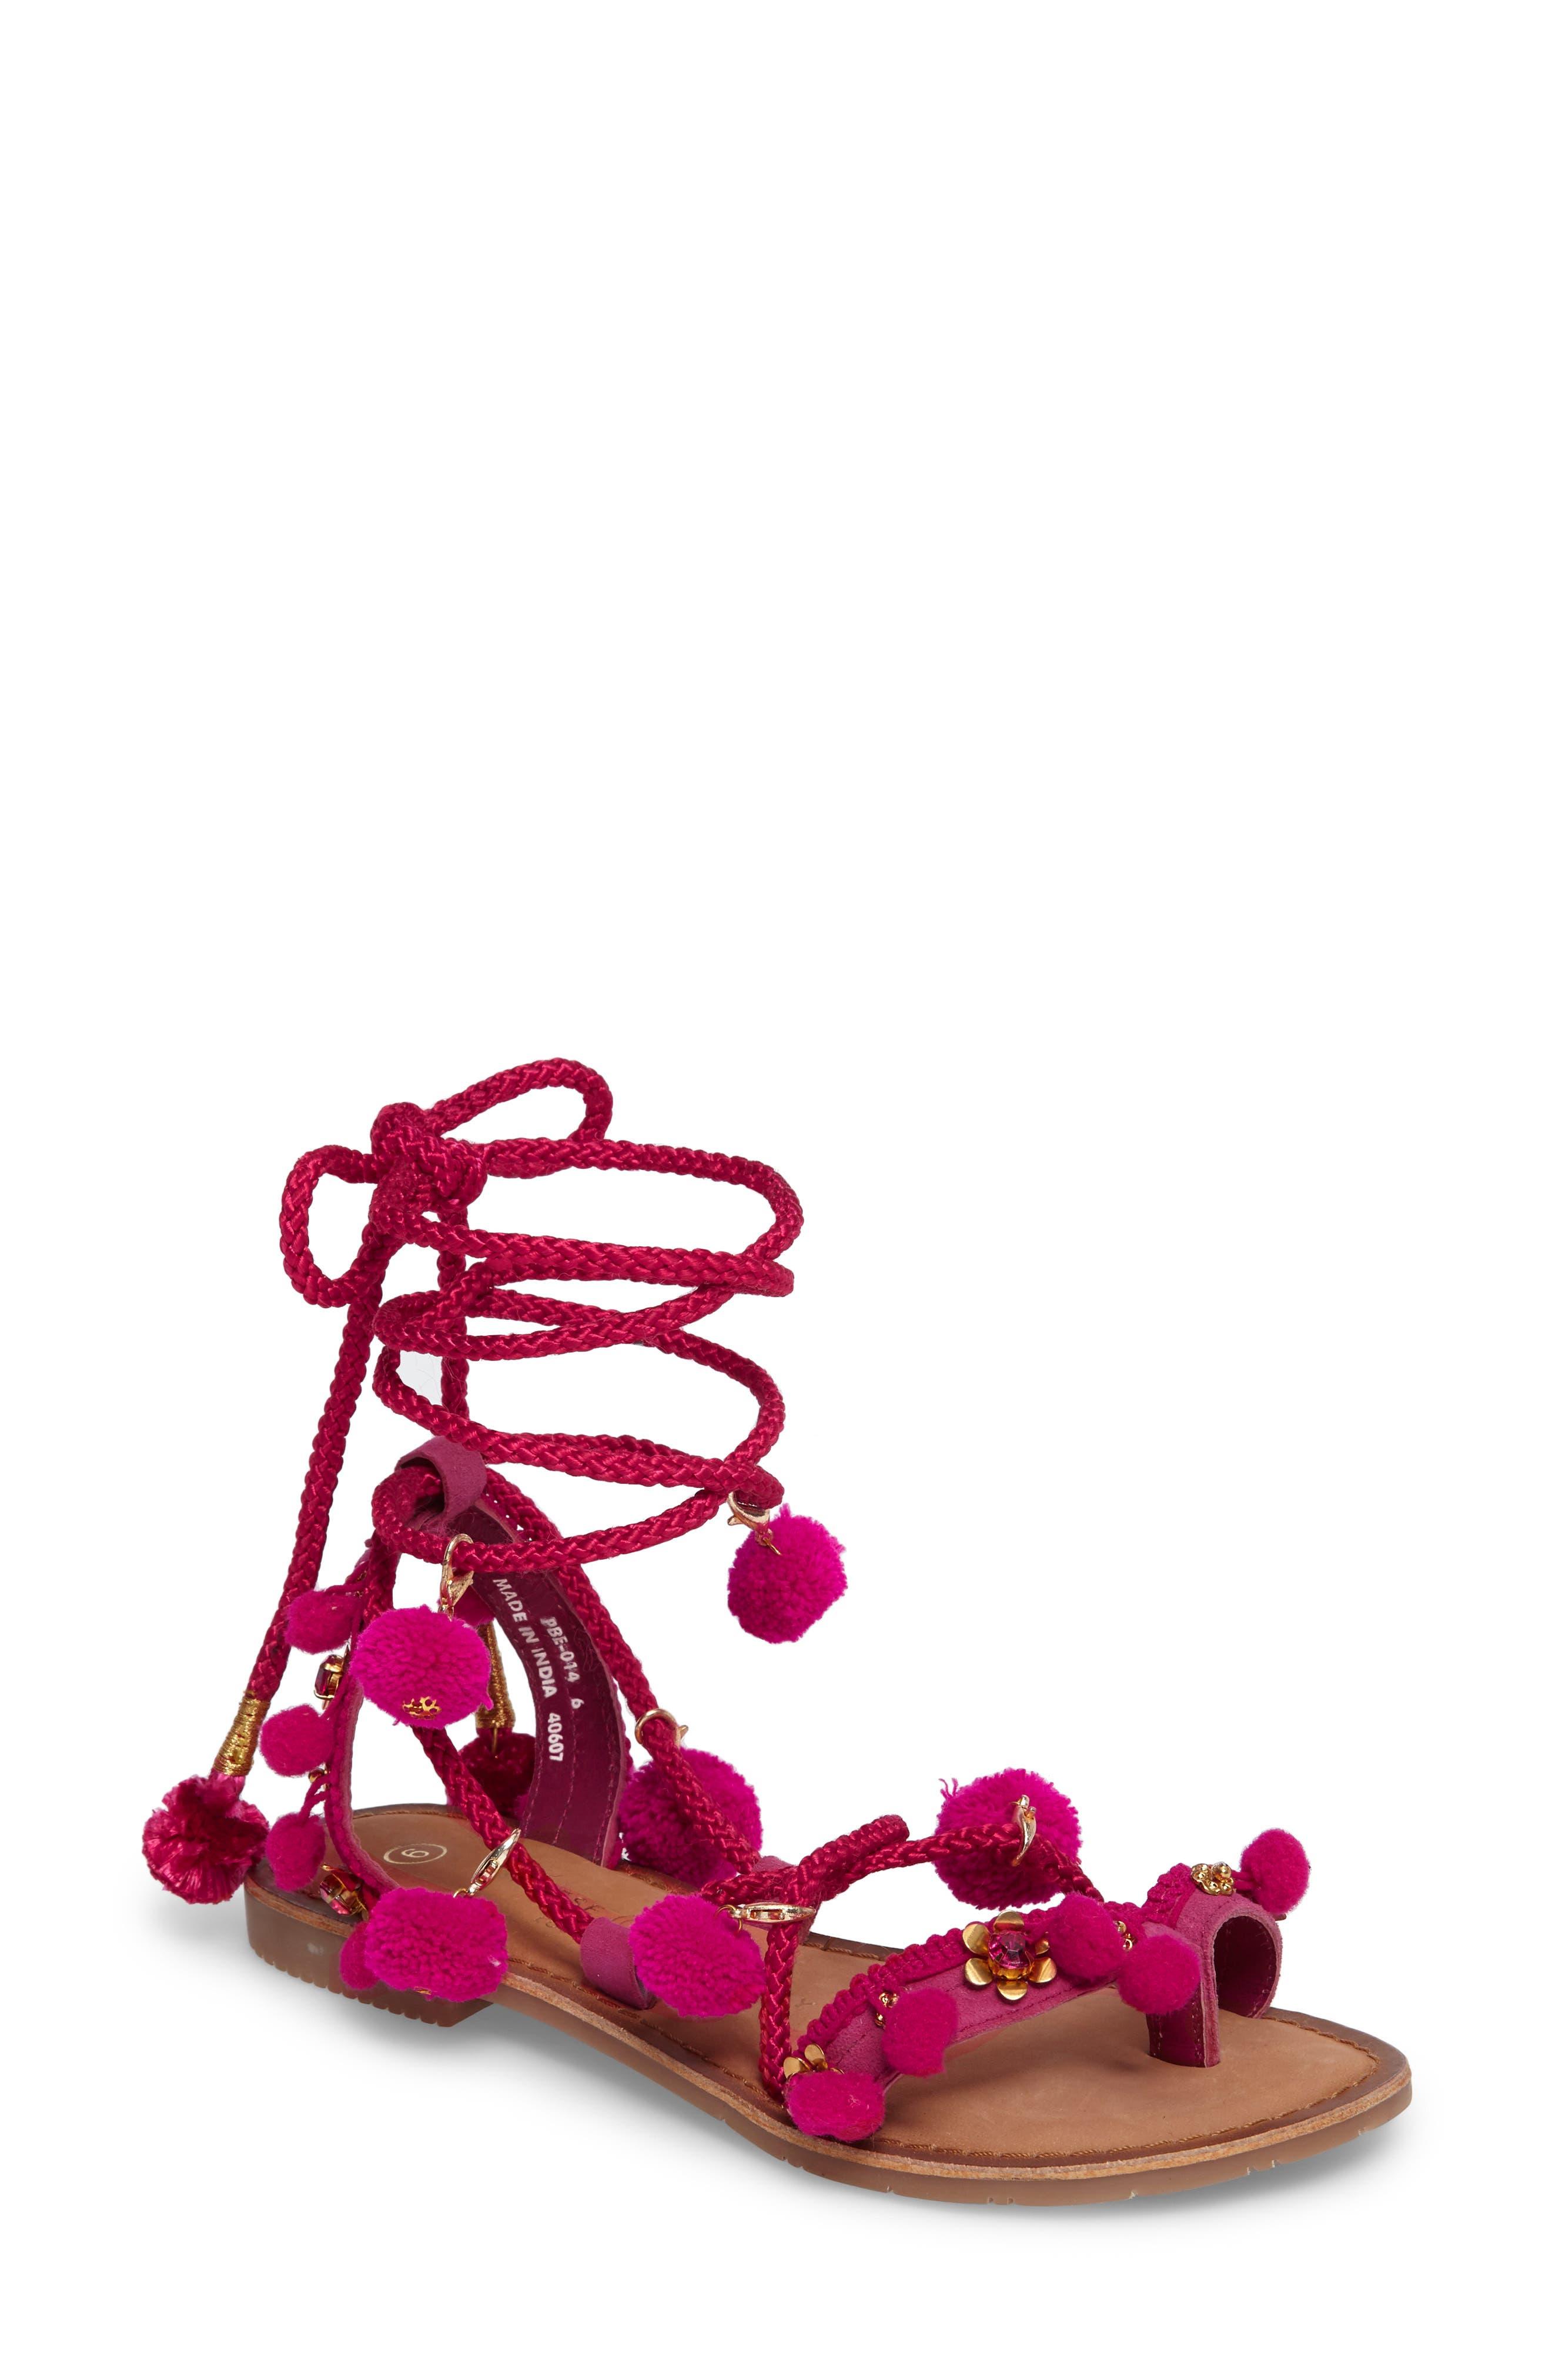 CHINESE LAUNDRY Portia Pom Embellished Wraparound Sandal